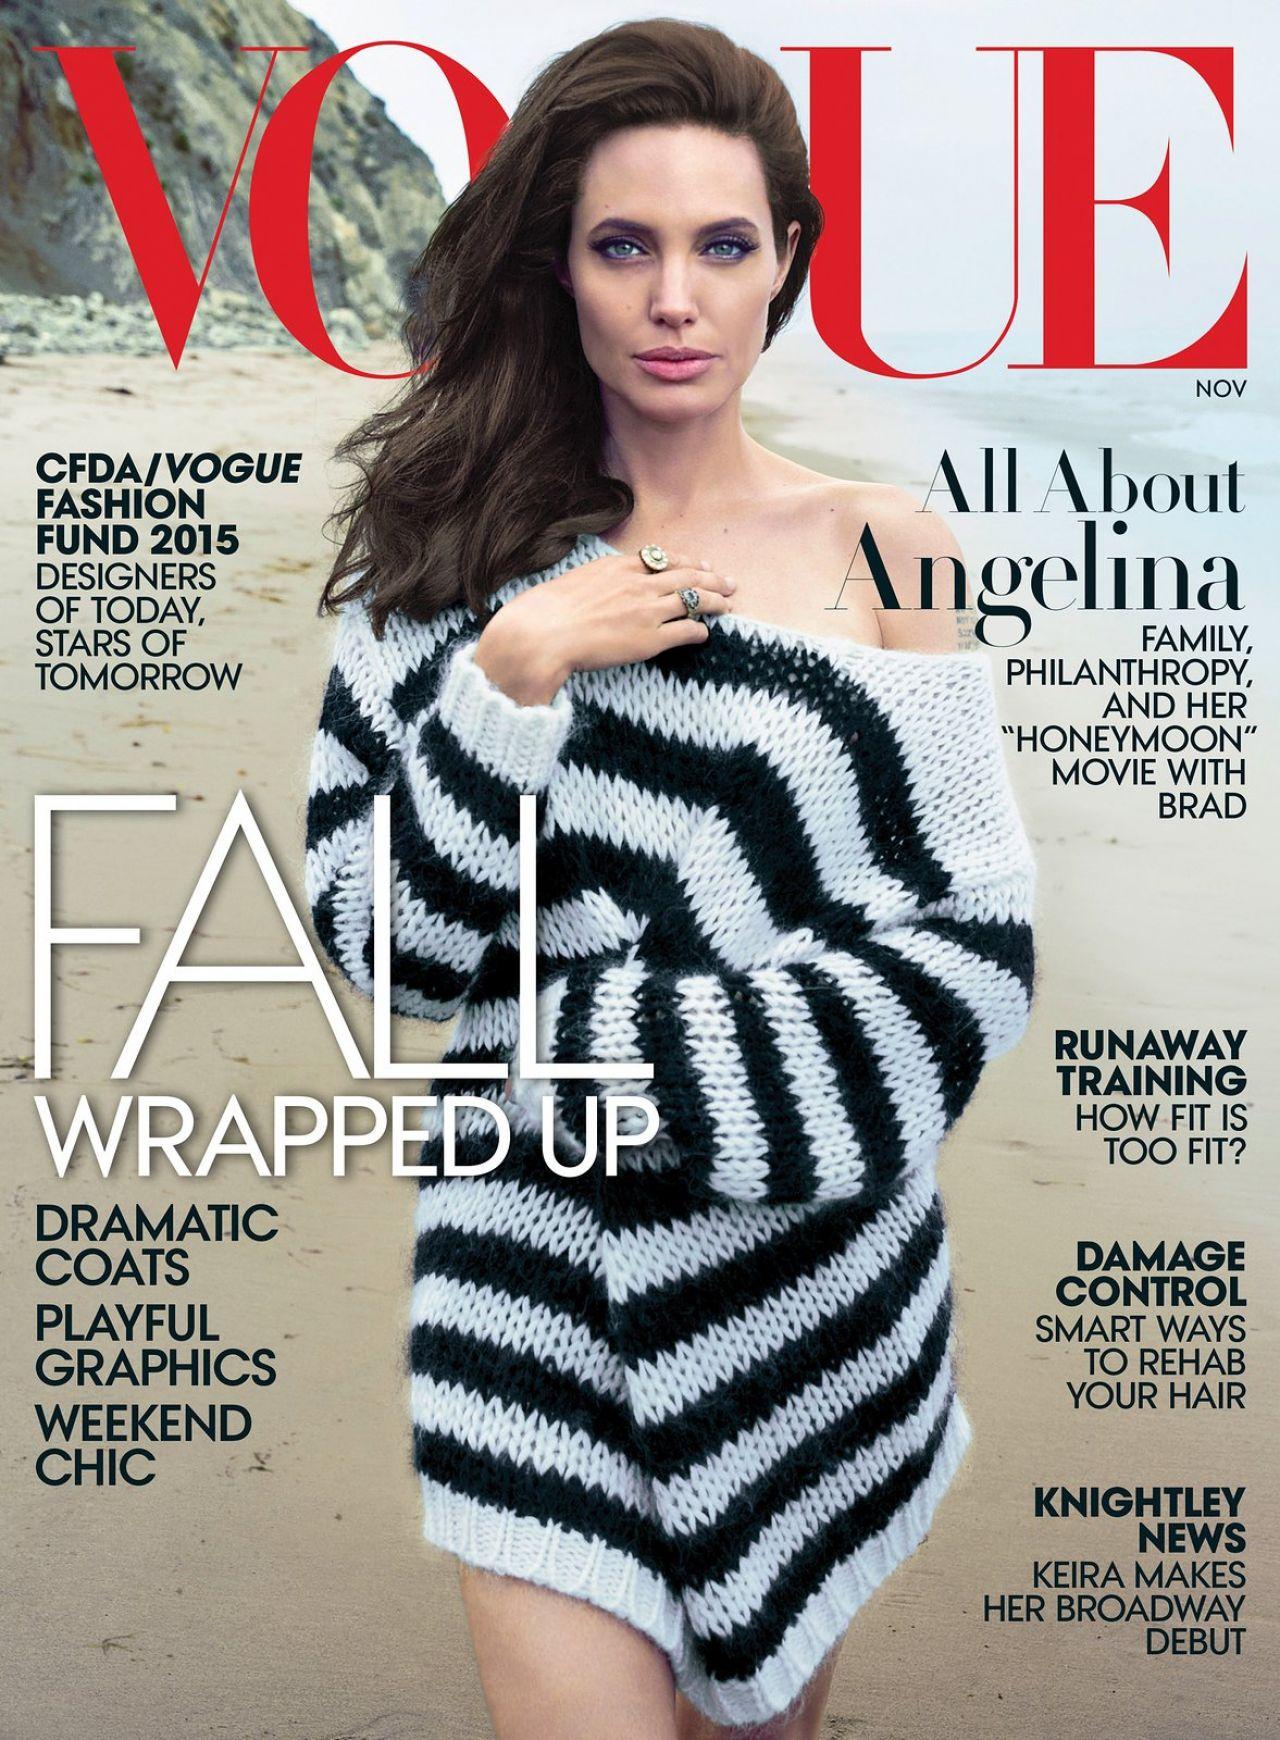 Jolie Magazine November 2017 Issue: Vogue Magazine November 2015 Cover